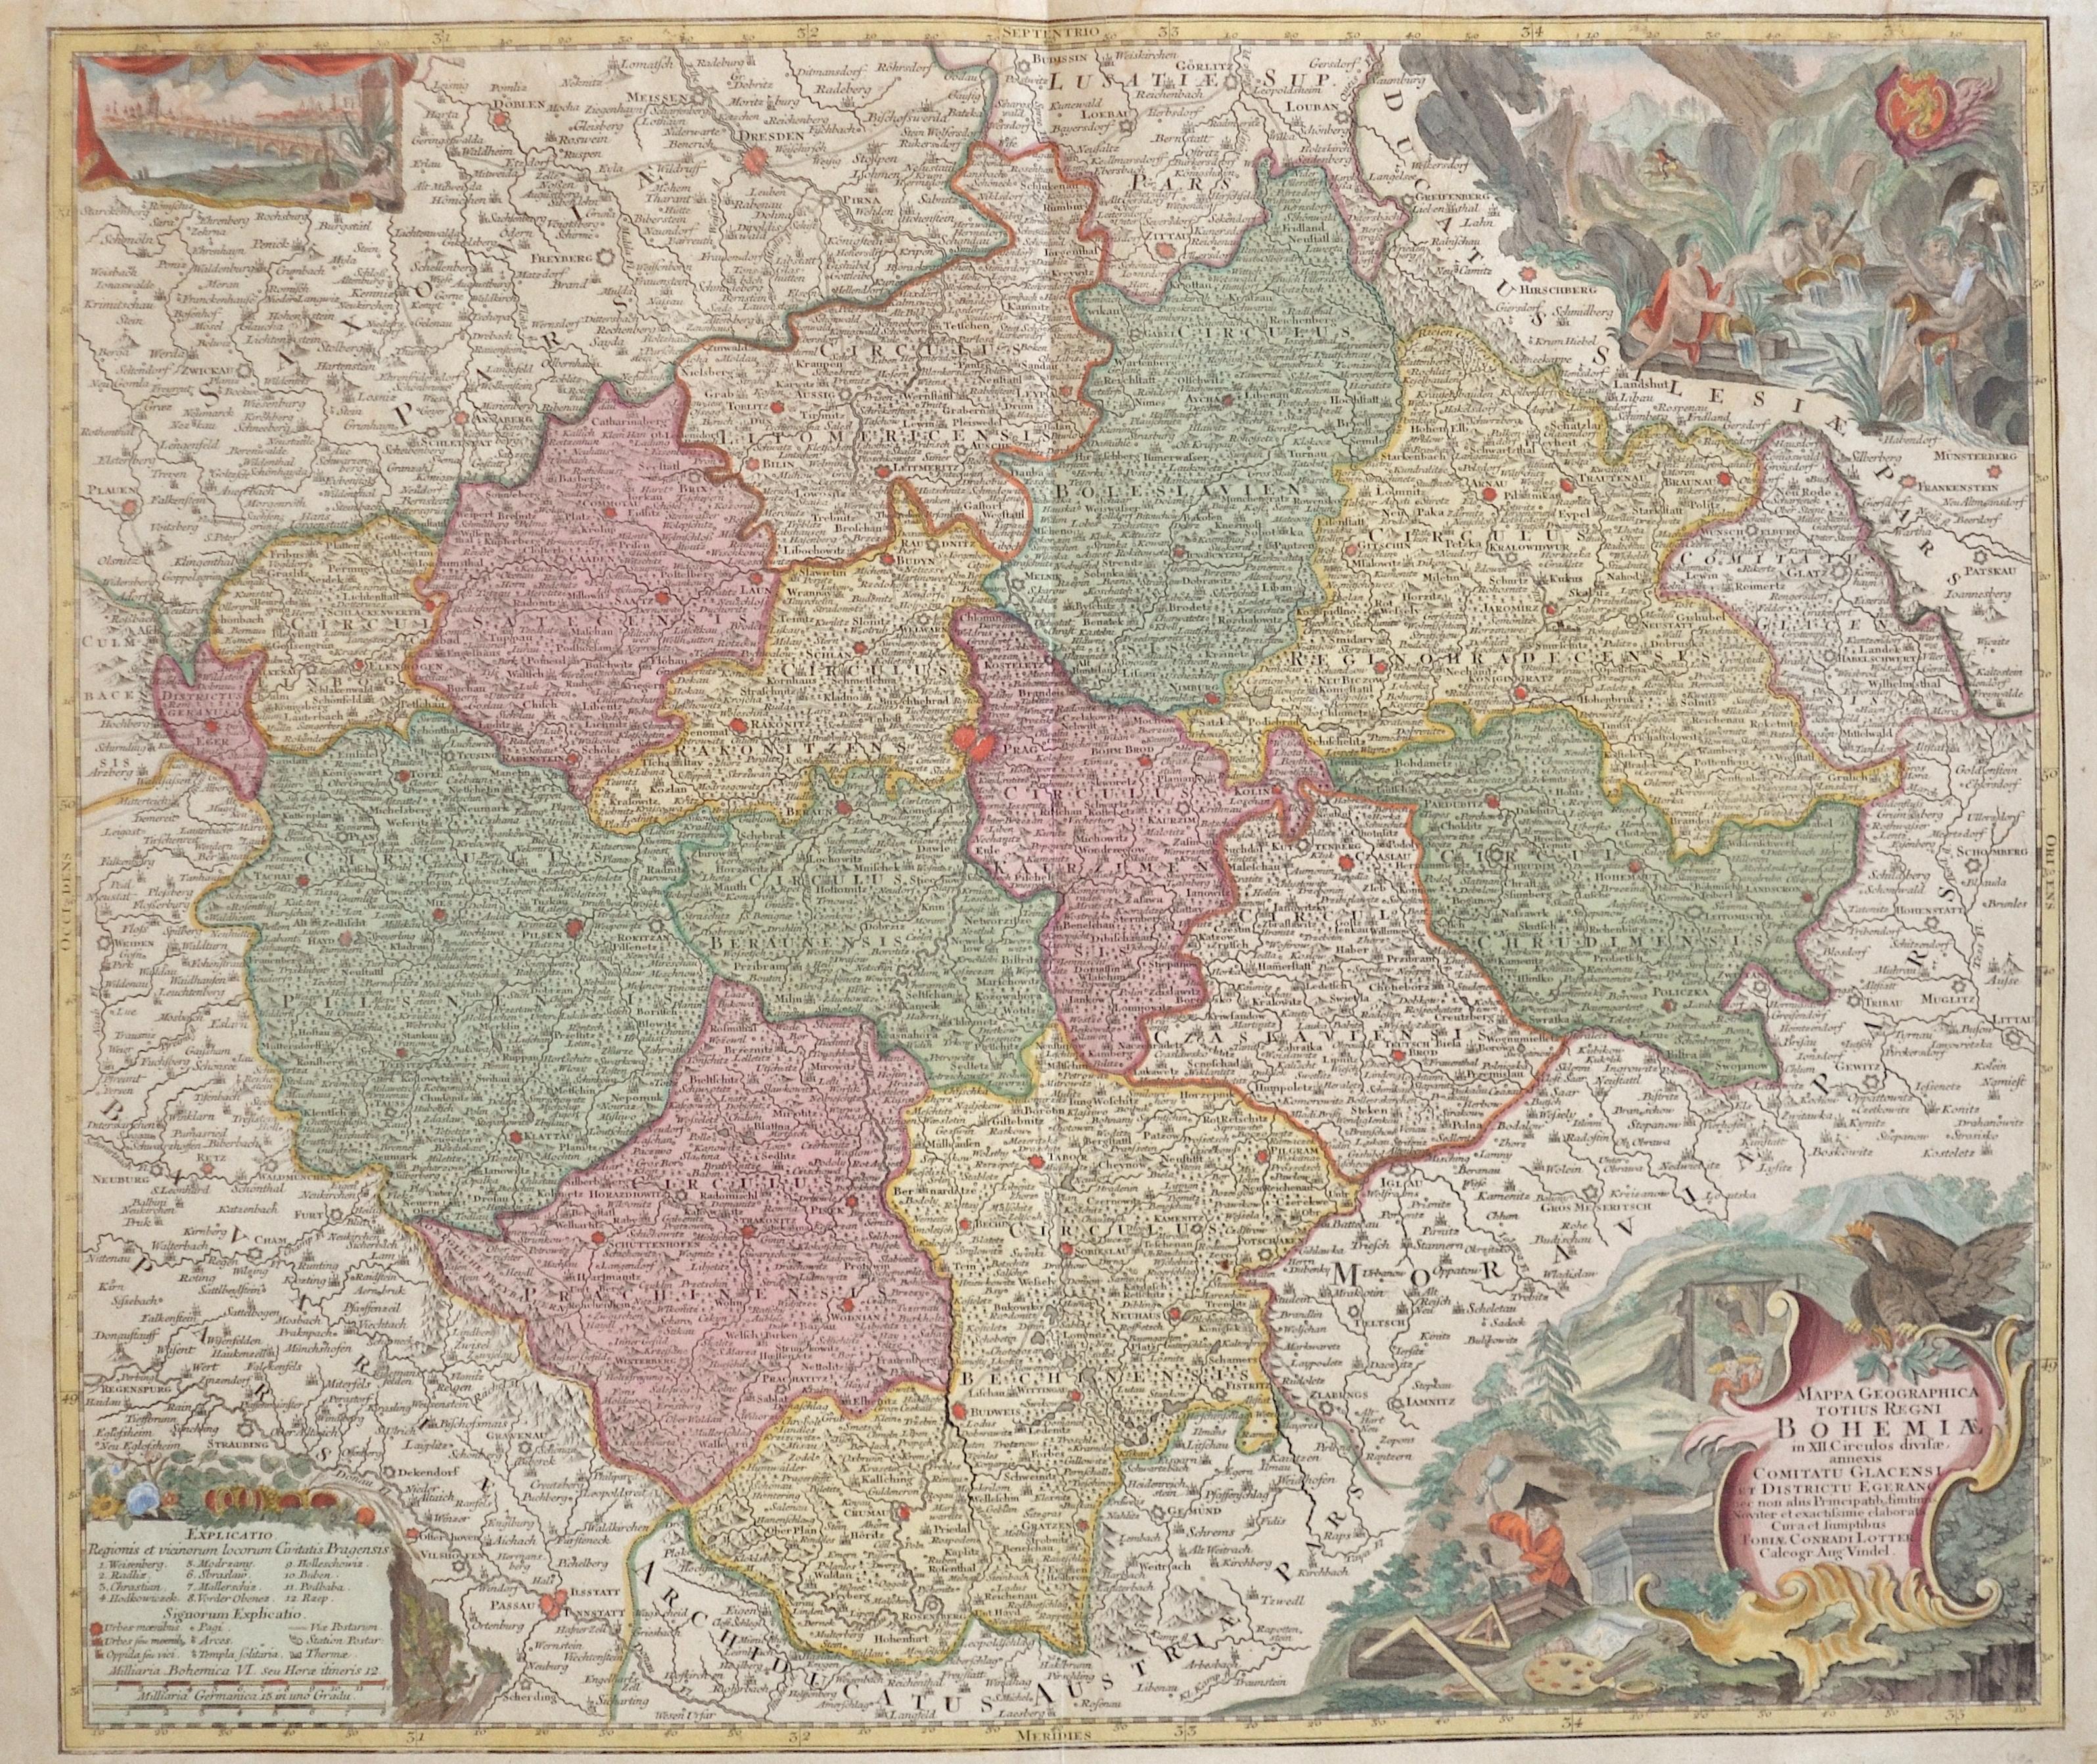 Lotter  Mappa Geographica totius Regni Bohemiae in XII. Circulos divisae, annexis Comitatu Glacensi et Districtu Egerano..